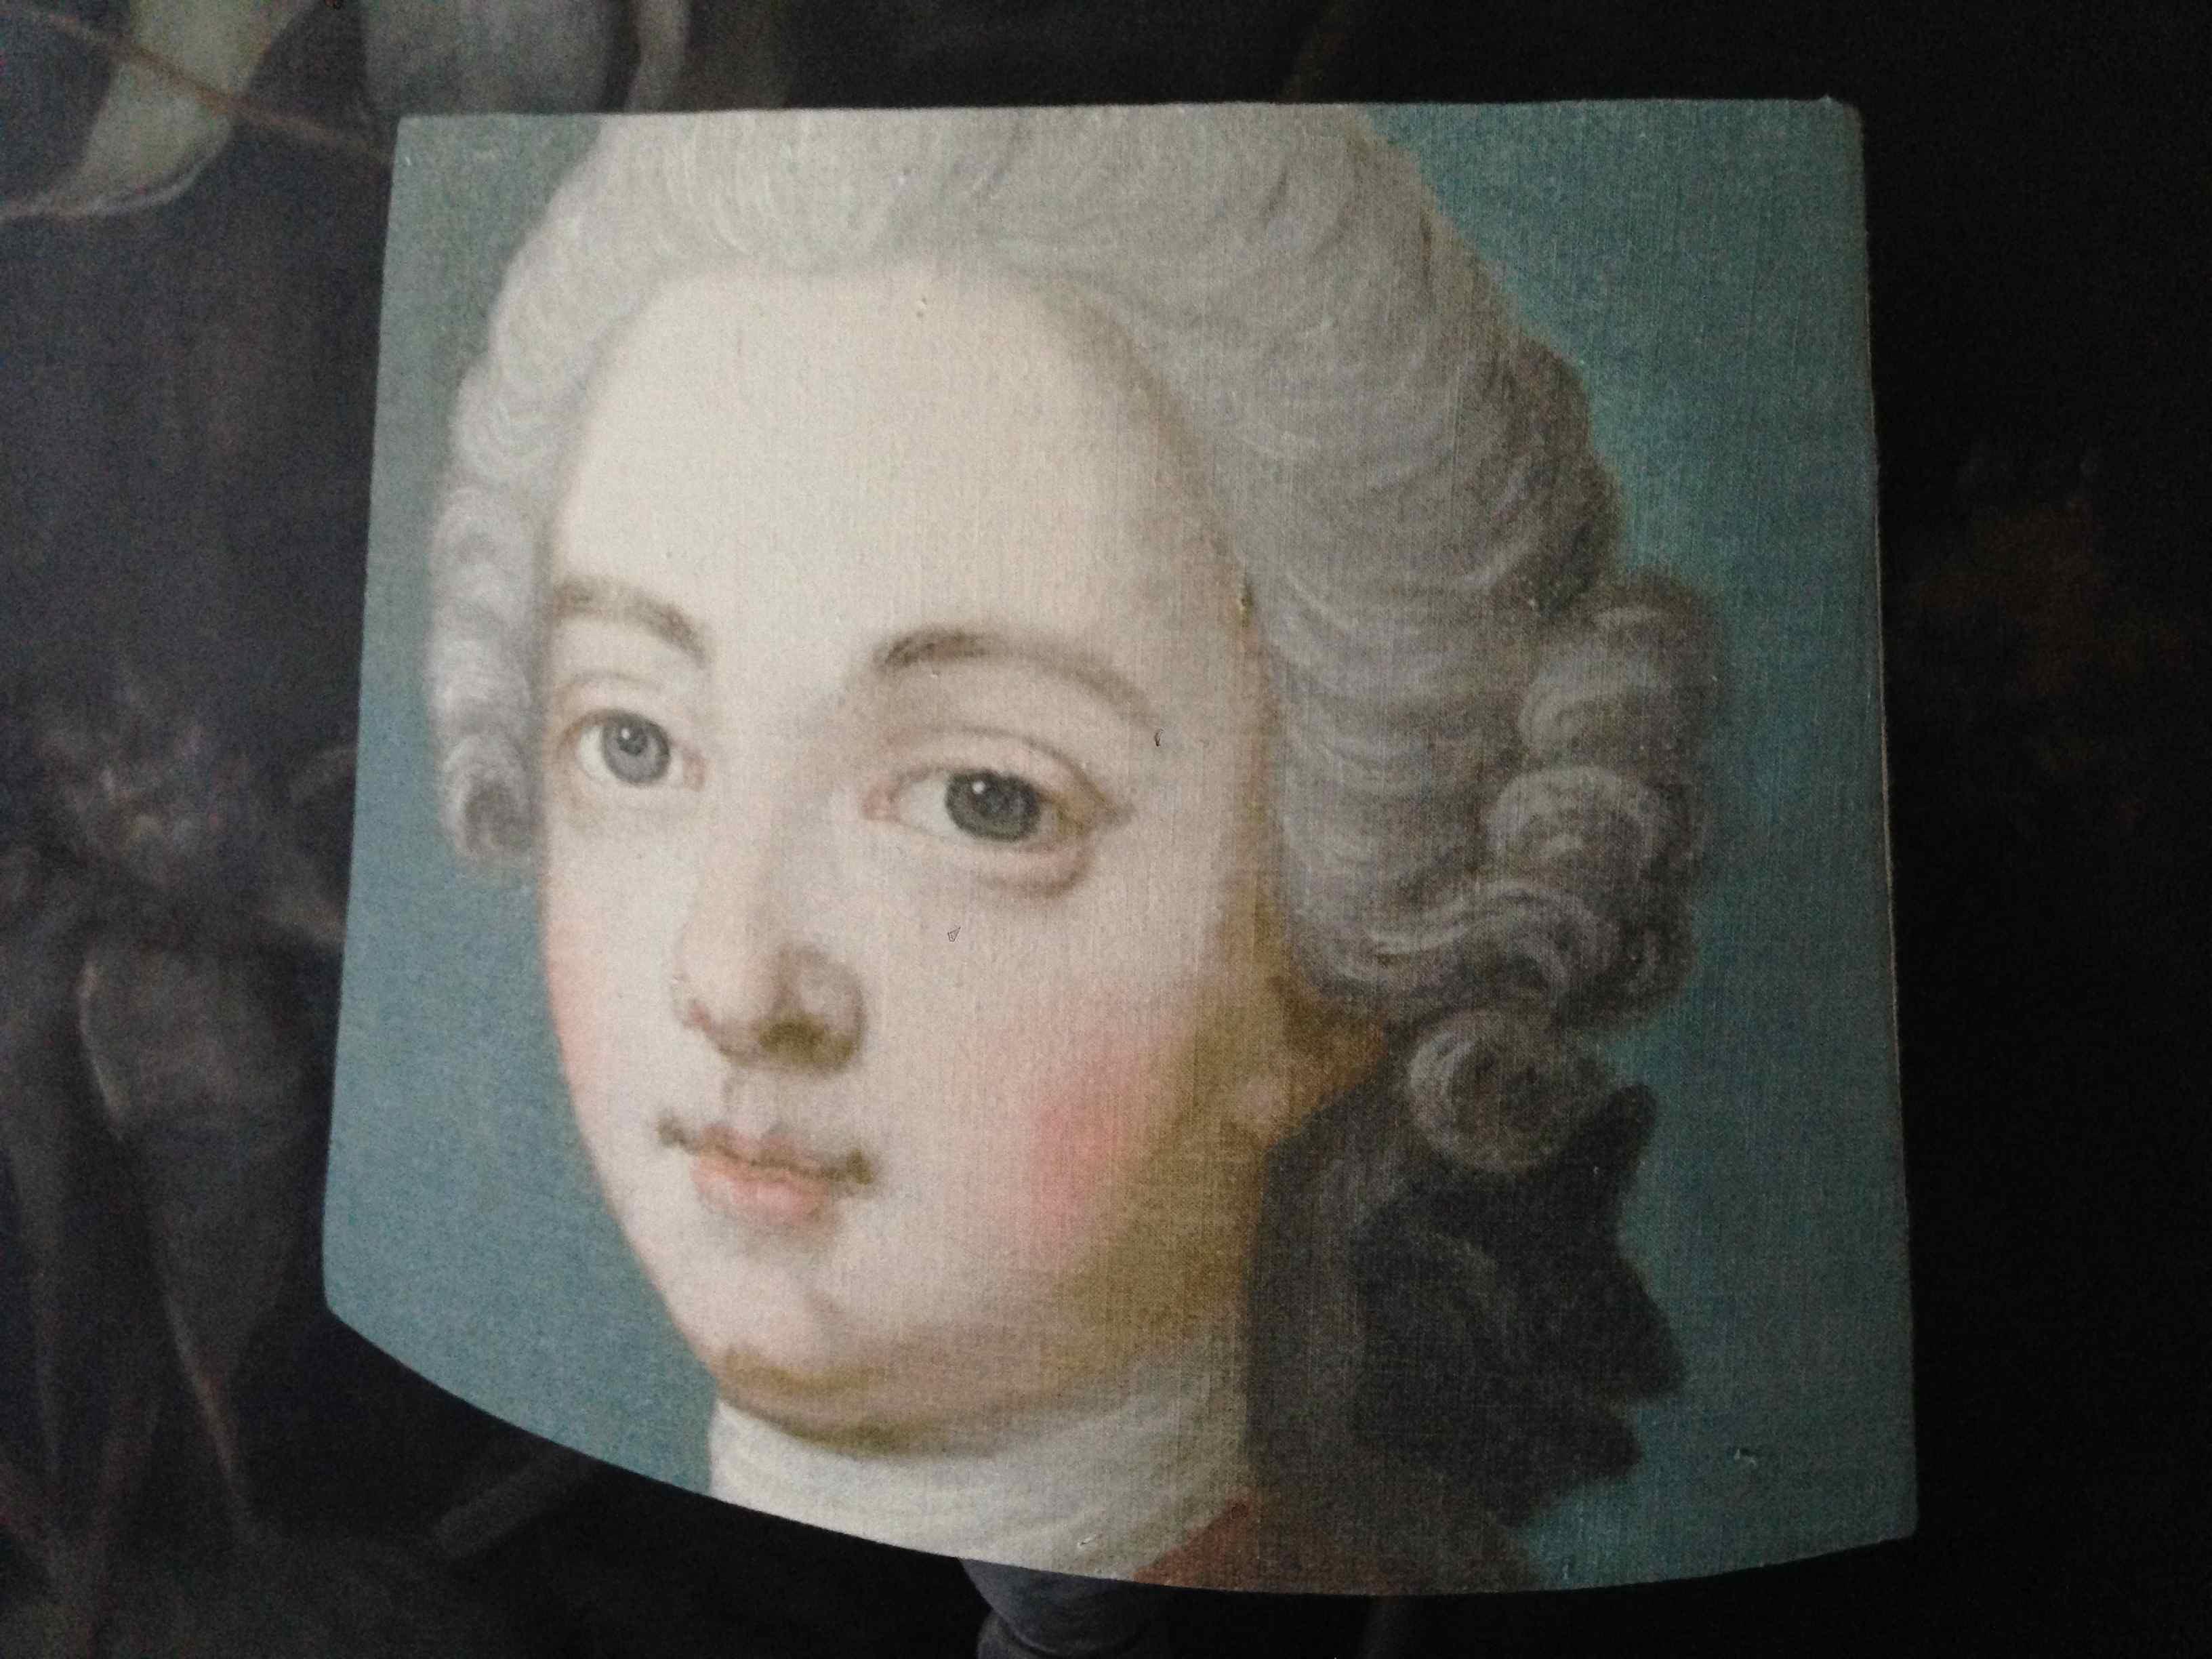 Abat jour pans coupés portrait masculin XVIIIe